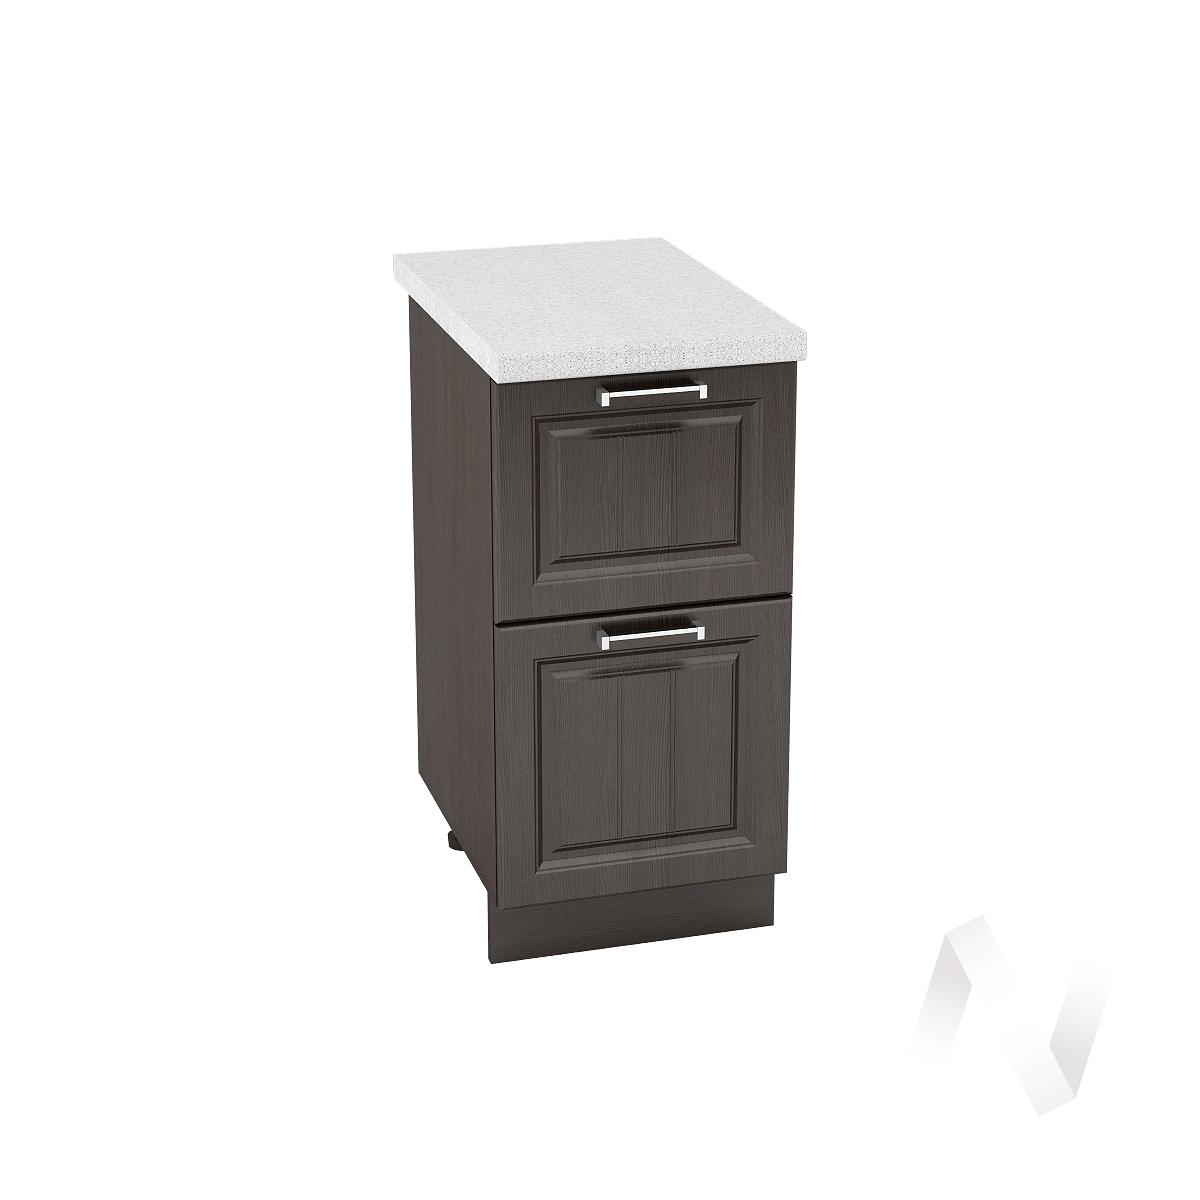 """Кухня """"Прага"""": Шкаф нижний с 2-мя ящиками 400, ШН2Я 400 (венге/корпус венге)"""